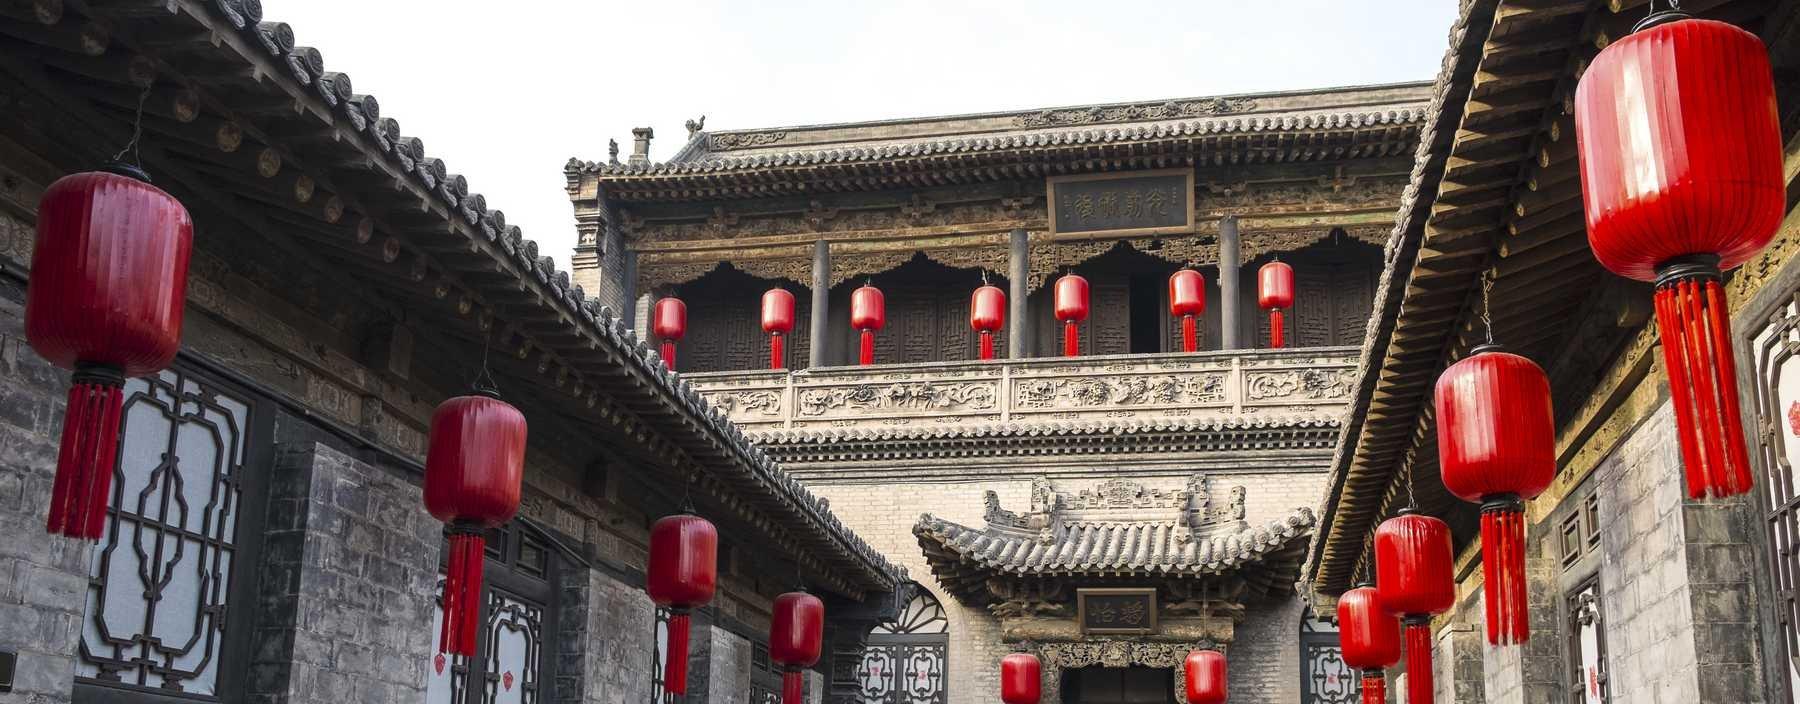 cn, pingyao, qiao family courtyard.jpg